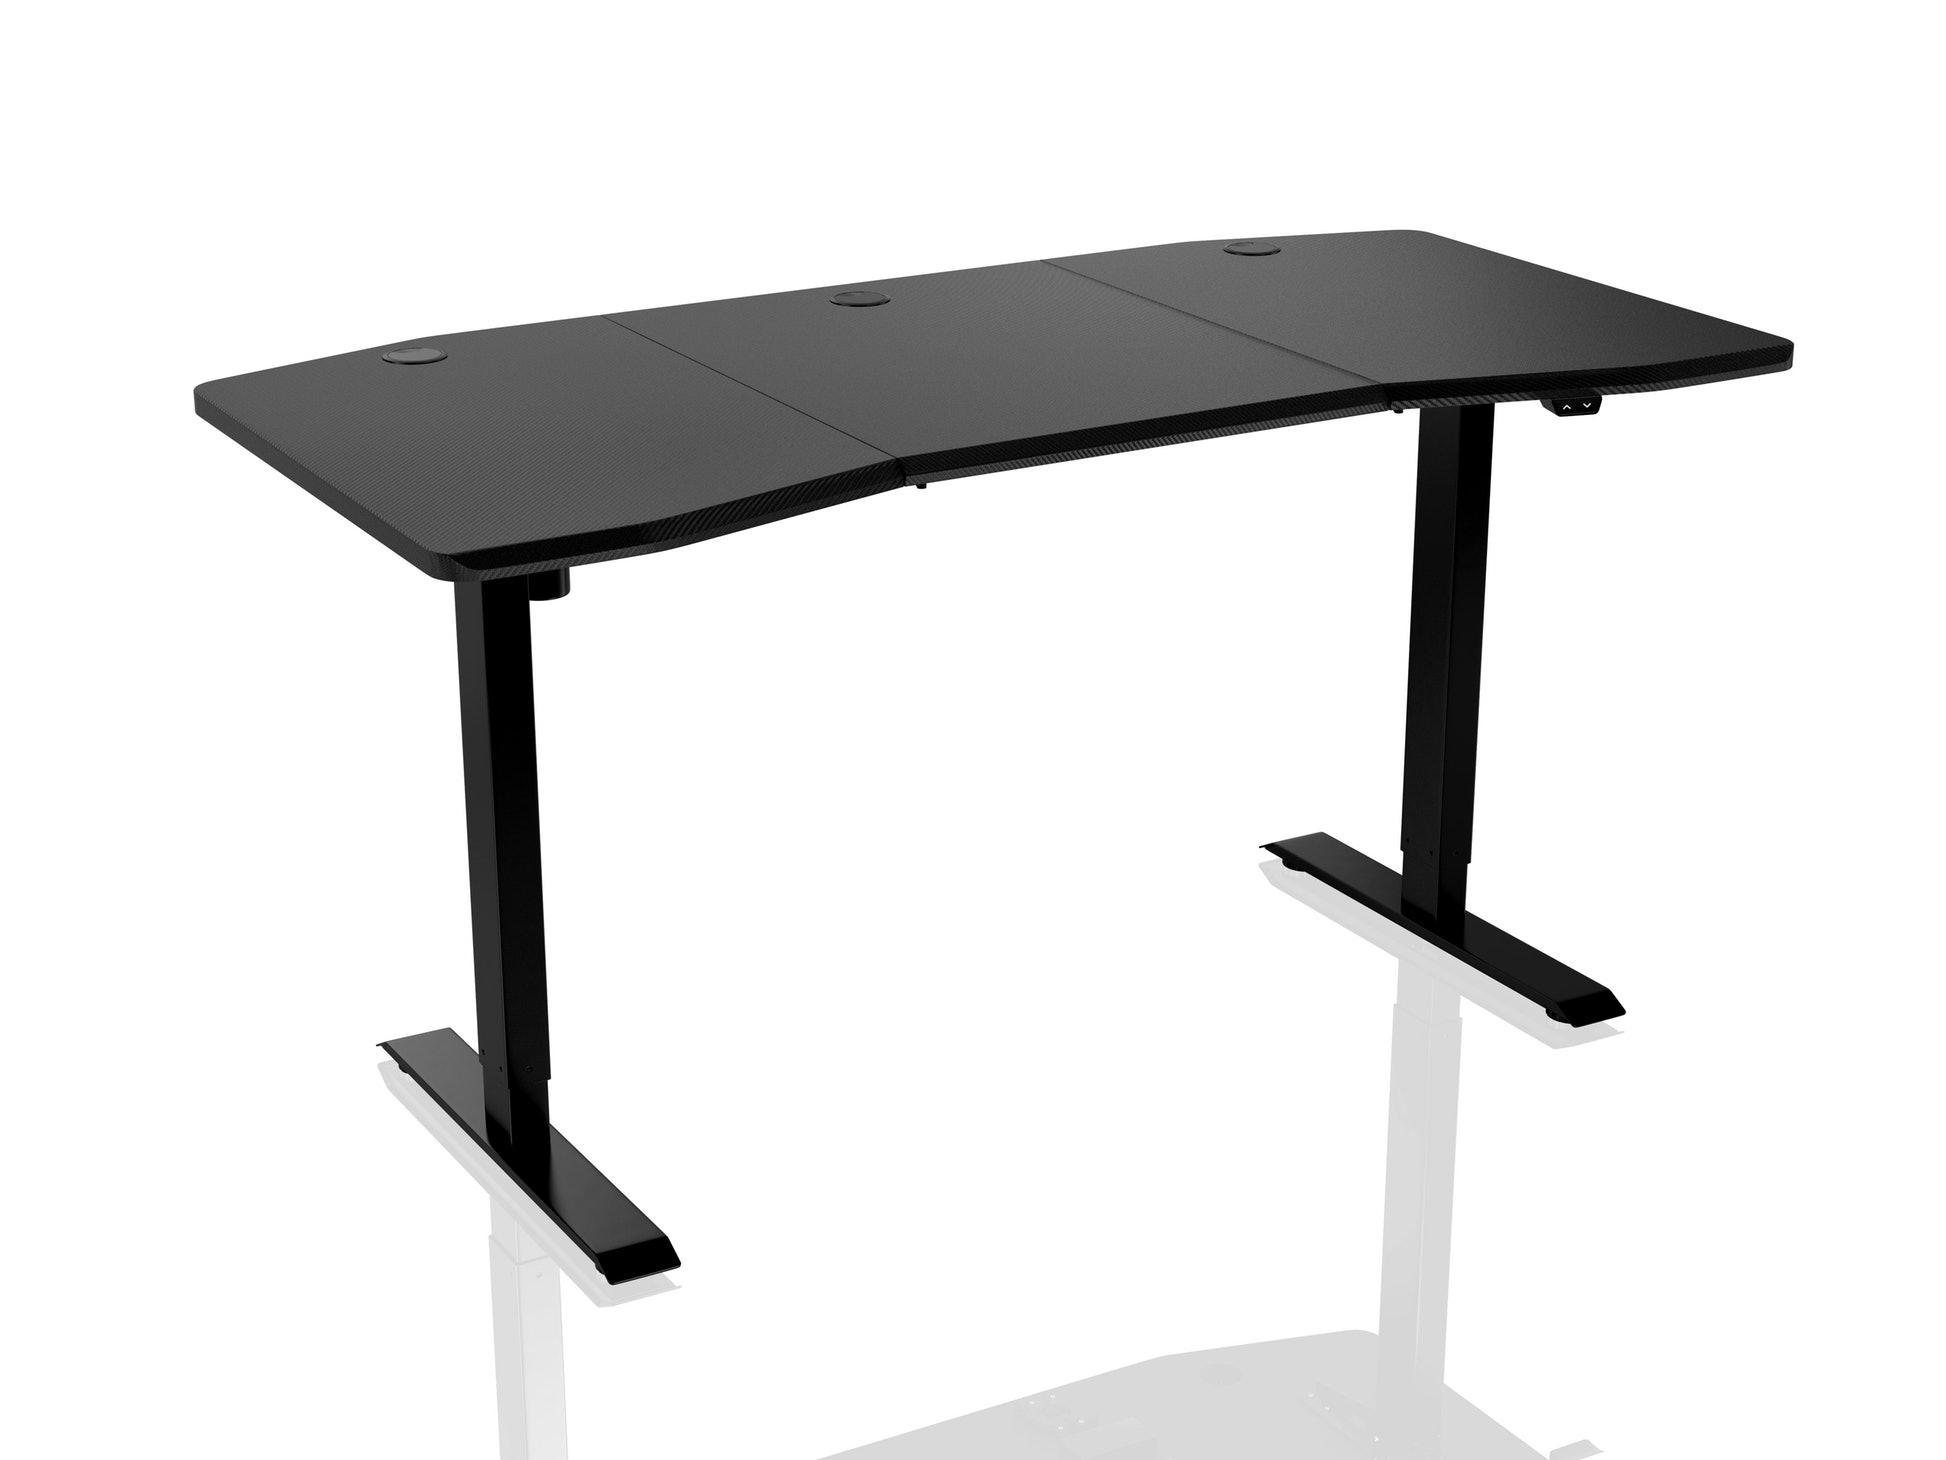 Геймърско бюро Nitro Concepts D16E, Carbon Black, Електрическо управление на височина